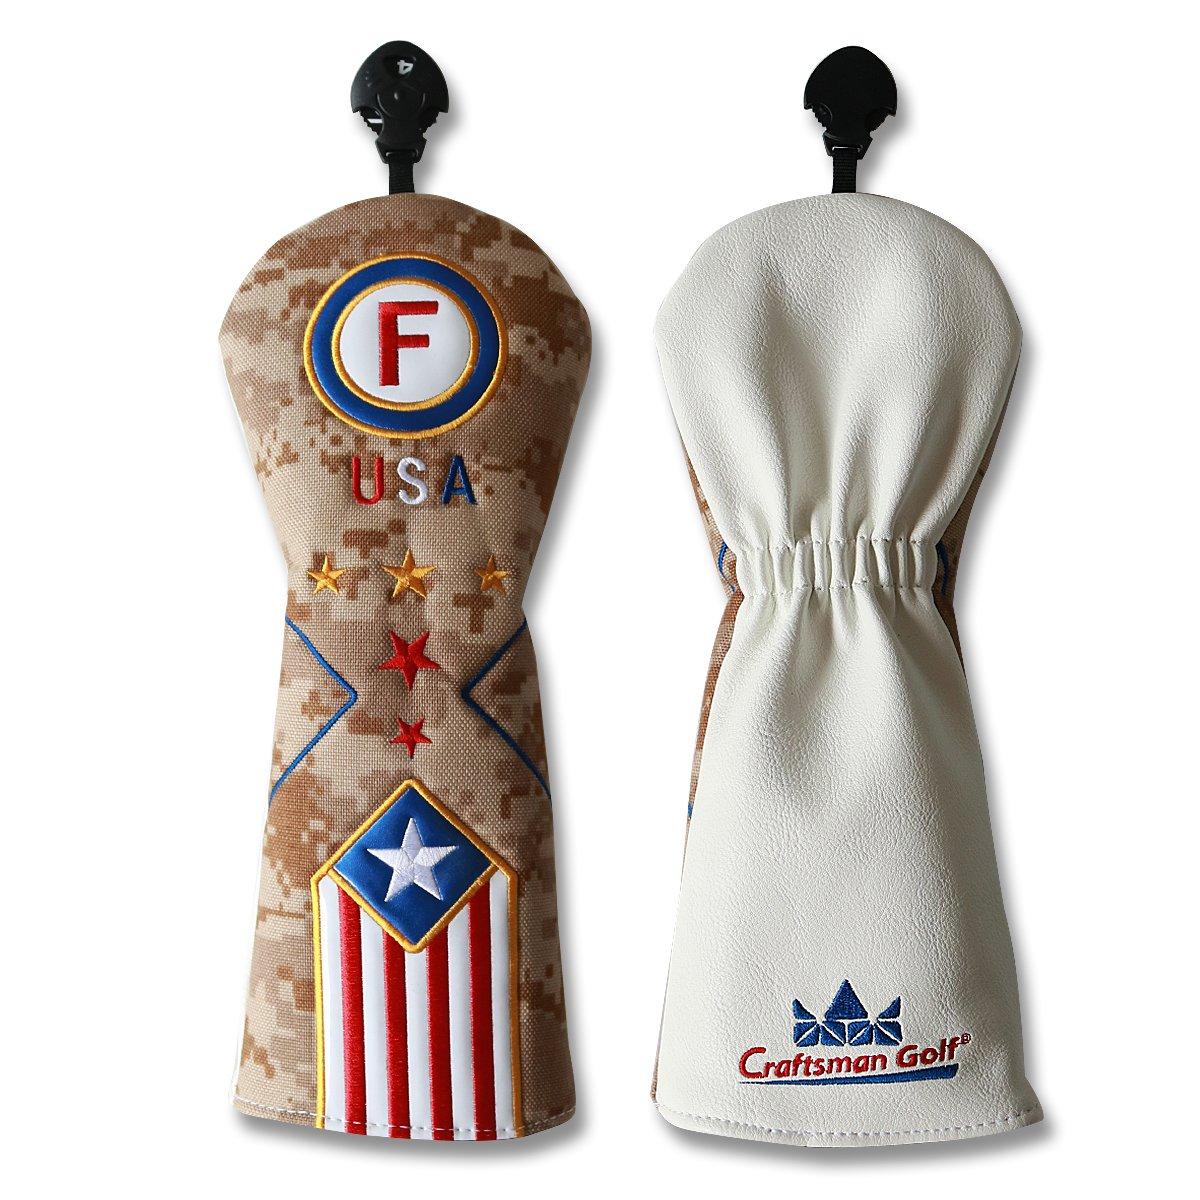 手数料安い Craftsman Headcovers Golf Camouflage Camo Head Style (Wood Fairway Wood Headcovers Head Cover For Callaway Titleist (Wood Cover) B0761YQZP3, 藤橋村:0ca01fb3 --- a0267596.xsph.ru